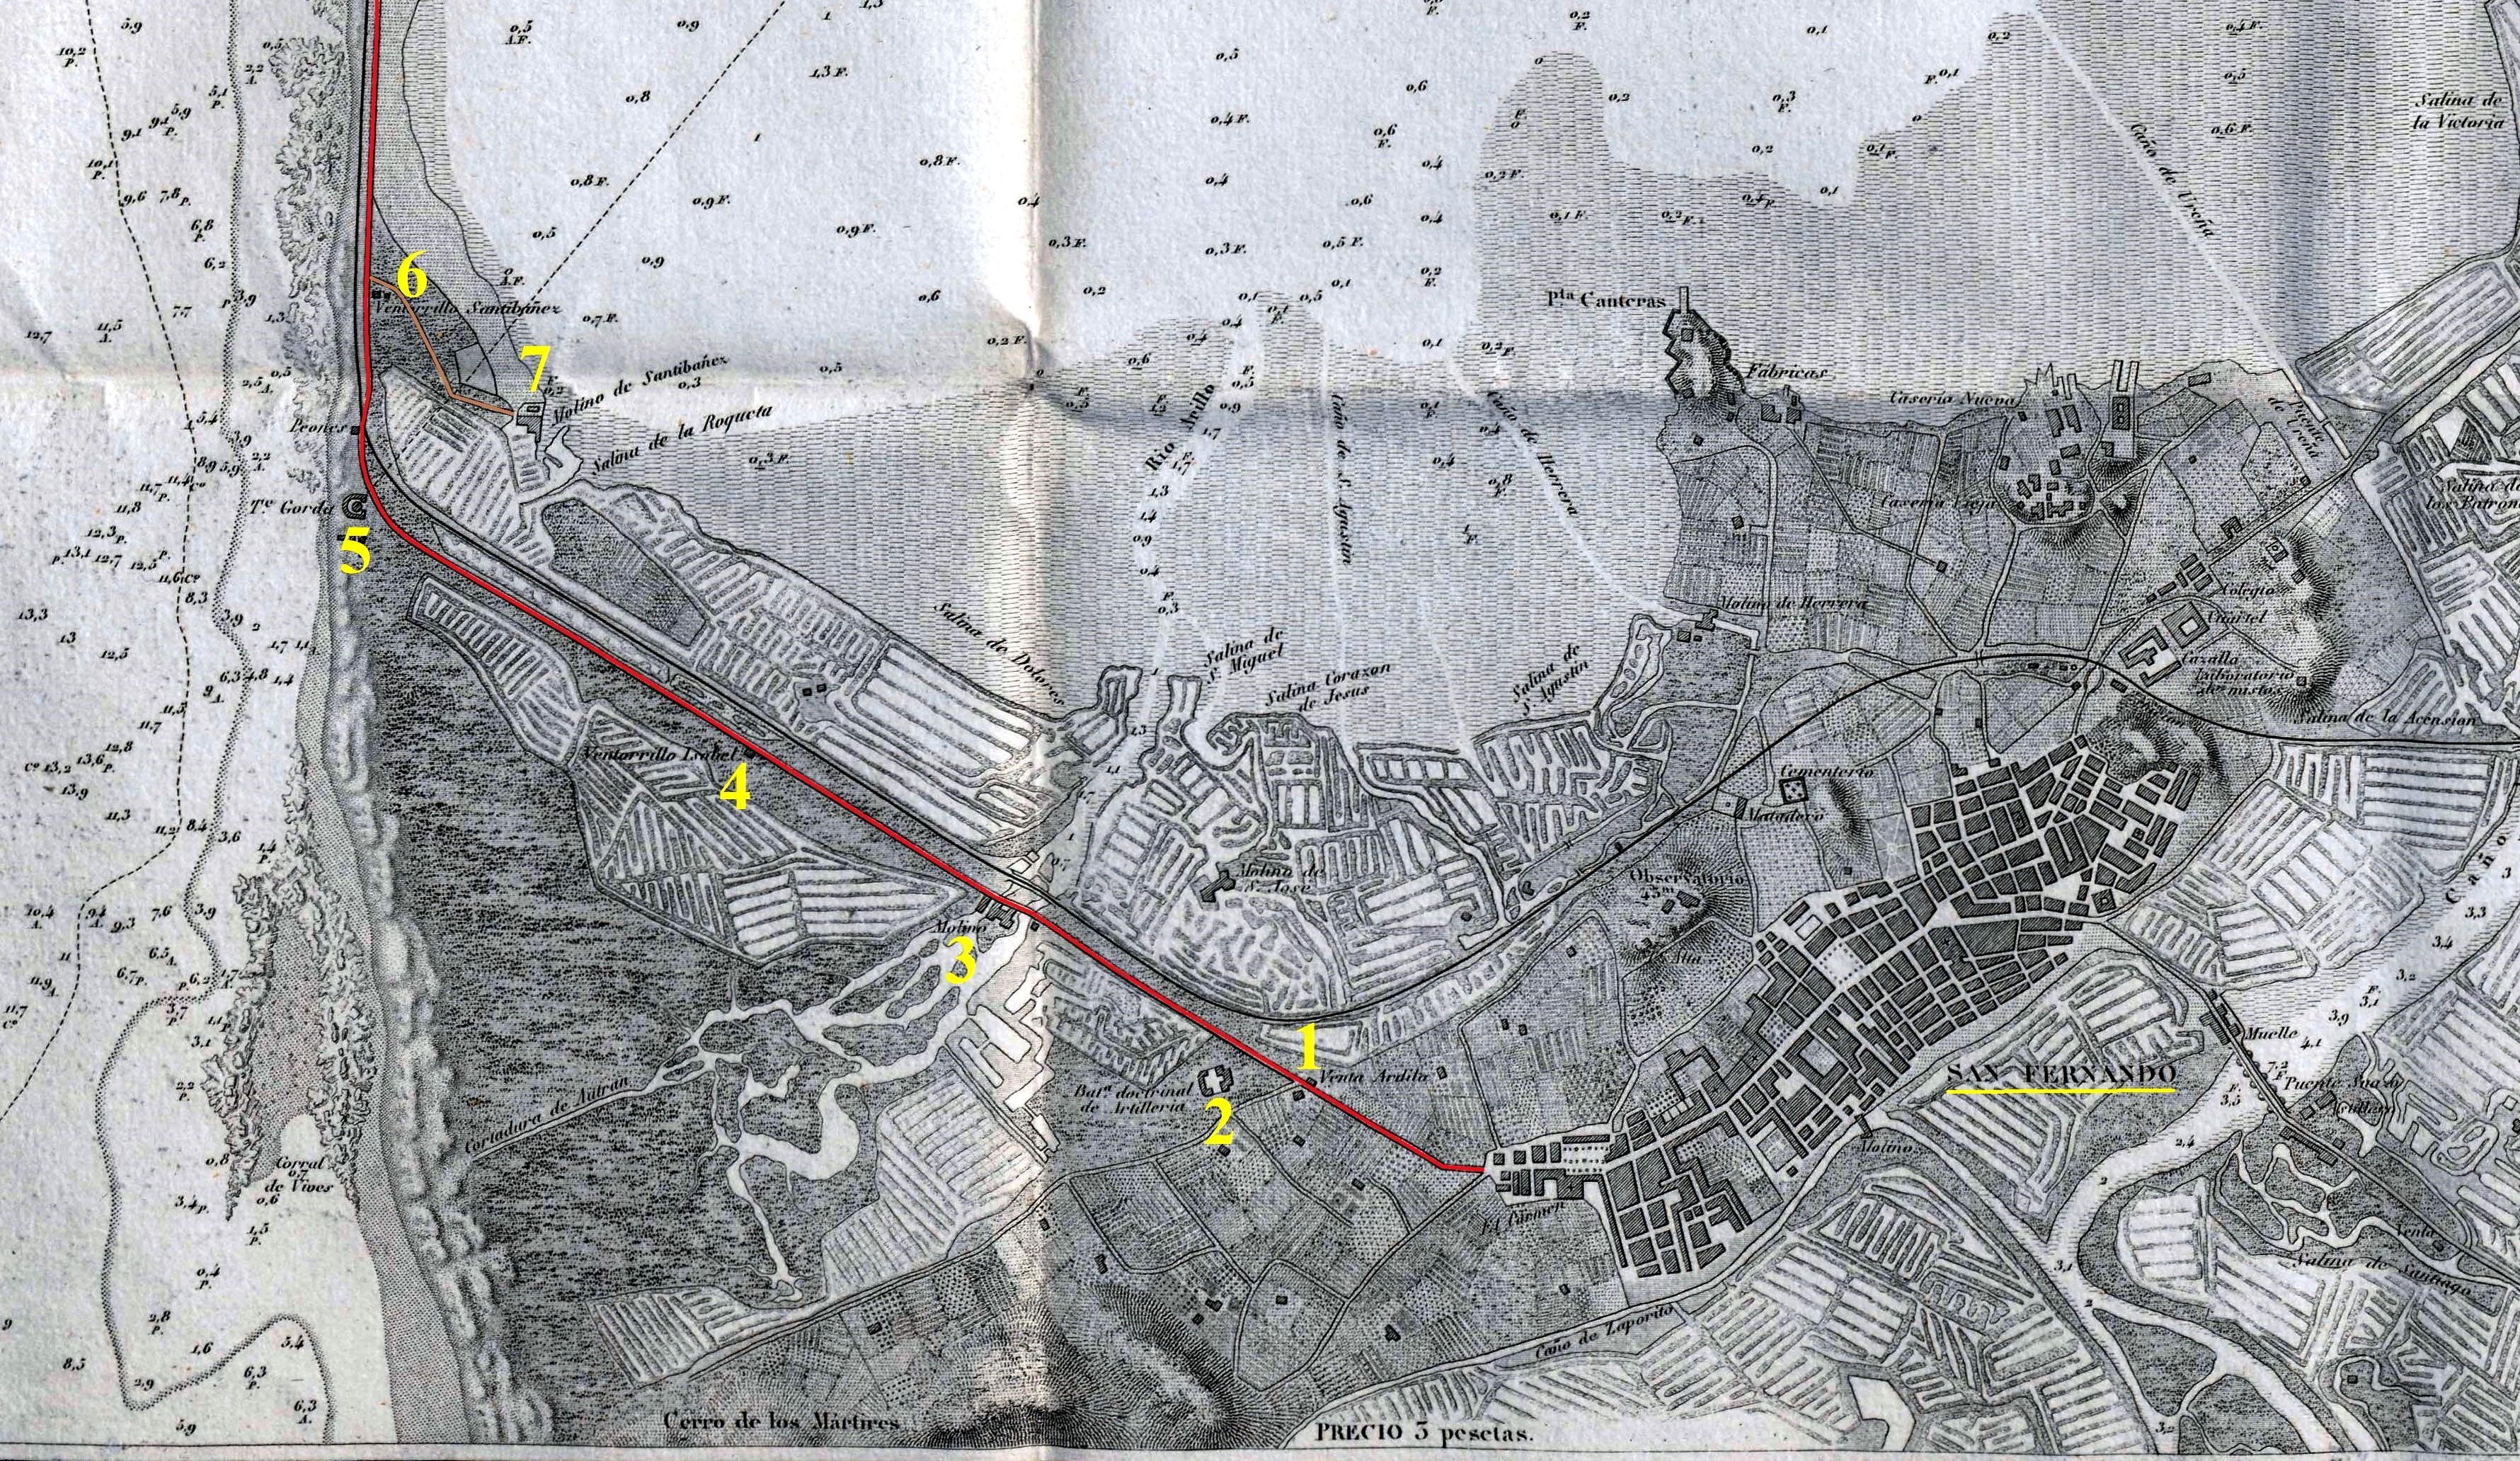 En un plano de 1870, trazado parcial del Camino Real desde San Fernando: 1-venta Ardila. 2-batería Doctrinal. 3-caño y molino del Arillo. 4-ventorrillo de Isabel. 5-Torregorda. 6-ventorrillo Santibáñez. 7-molino de Santibáñez.